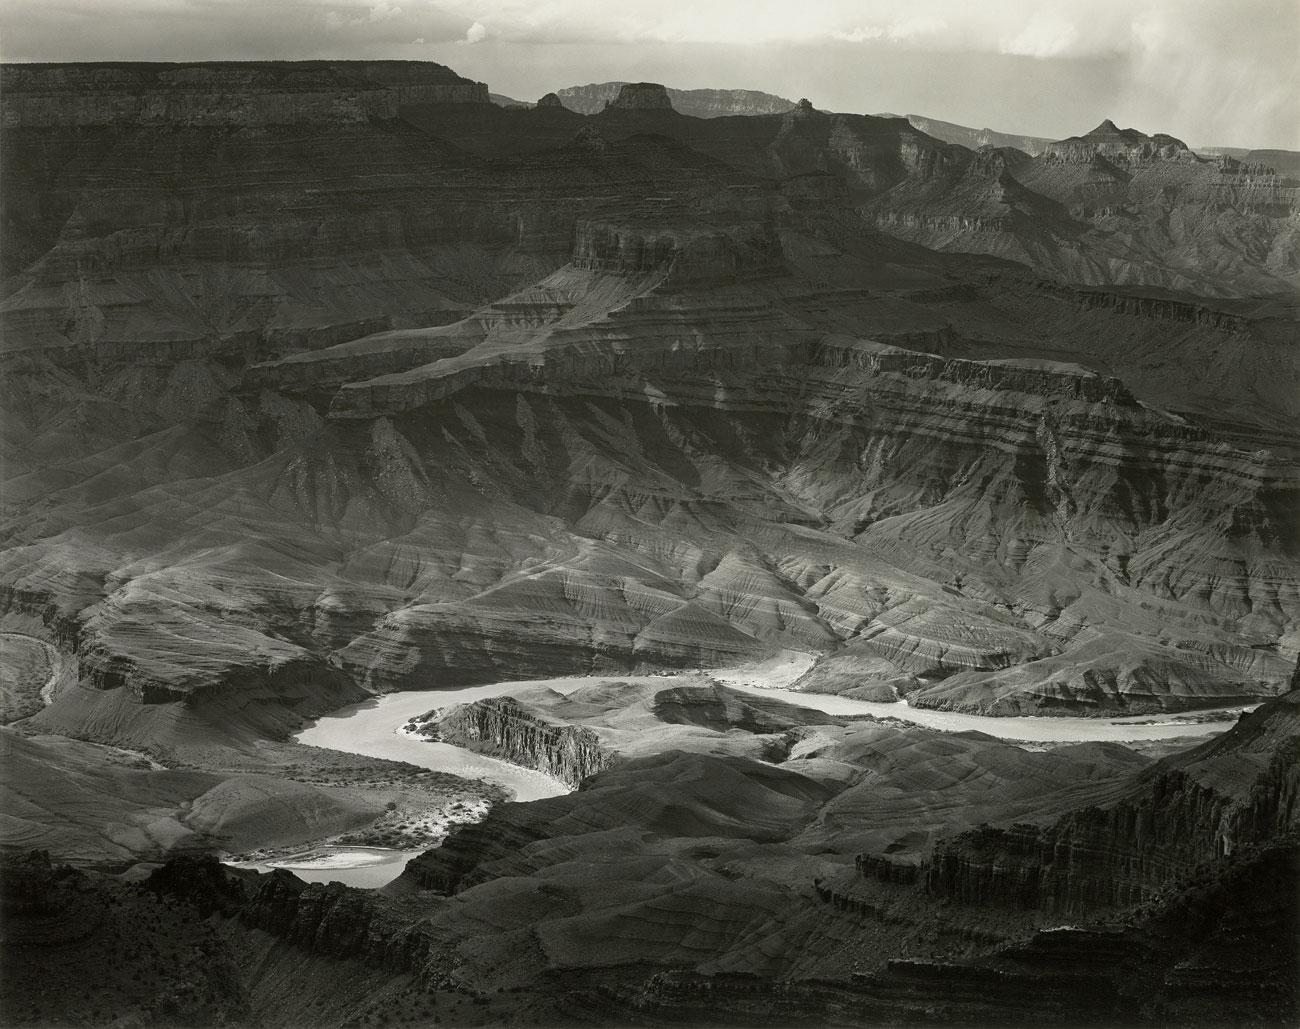 Grand Canyon, Arizona, 1941 © Edward Weston Geschichte der Landschaftsfotografie